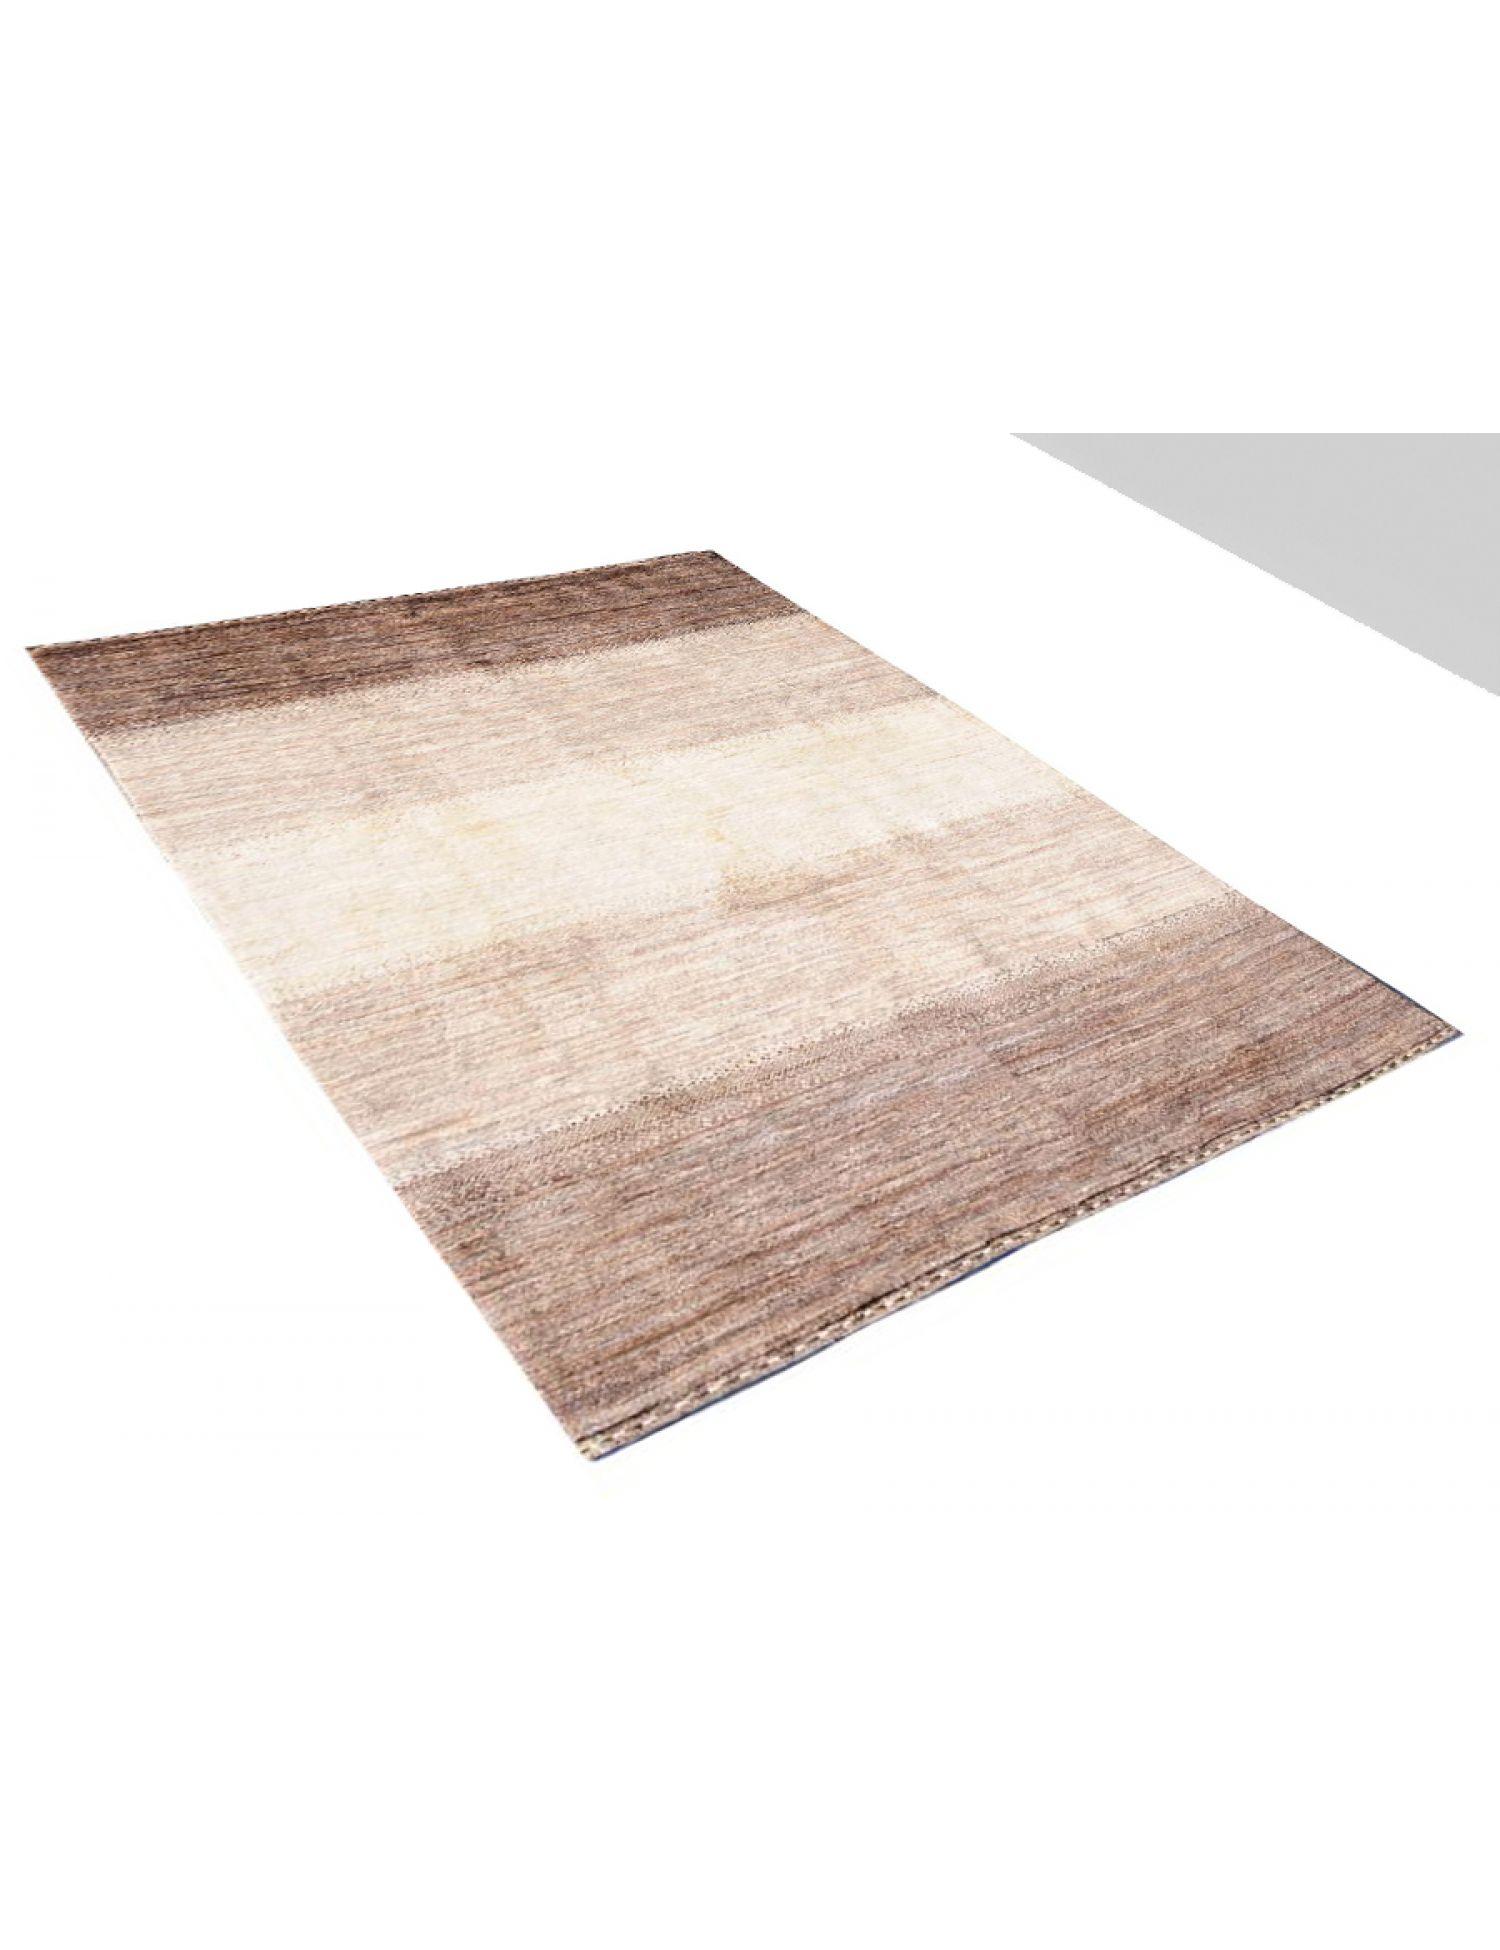 Moderne Teppiche   <br/>198 x 160 cm